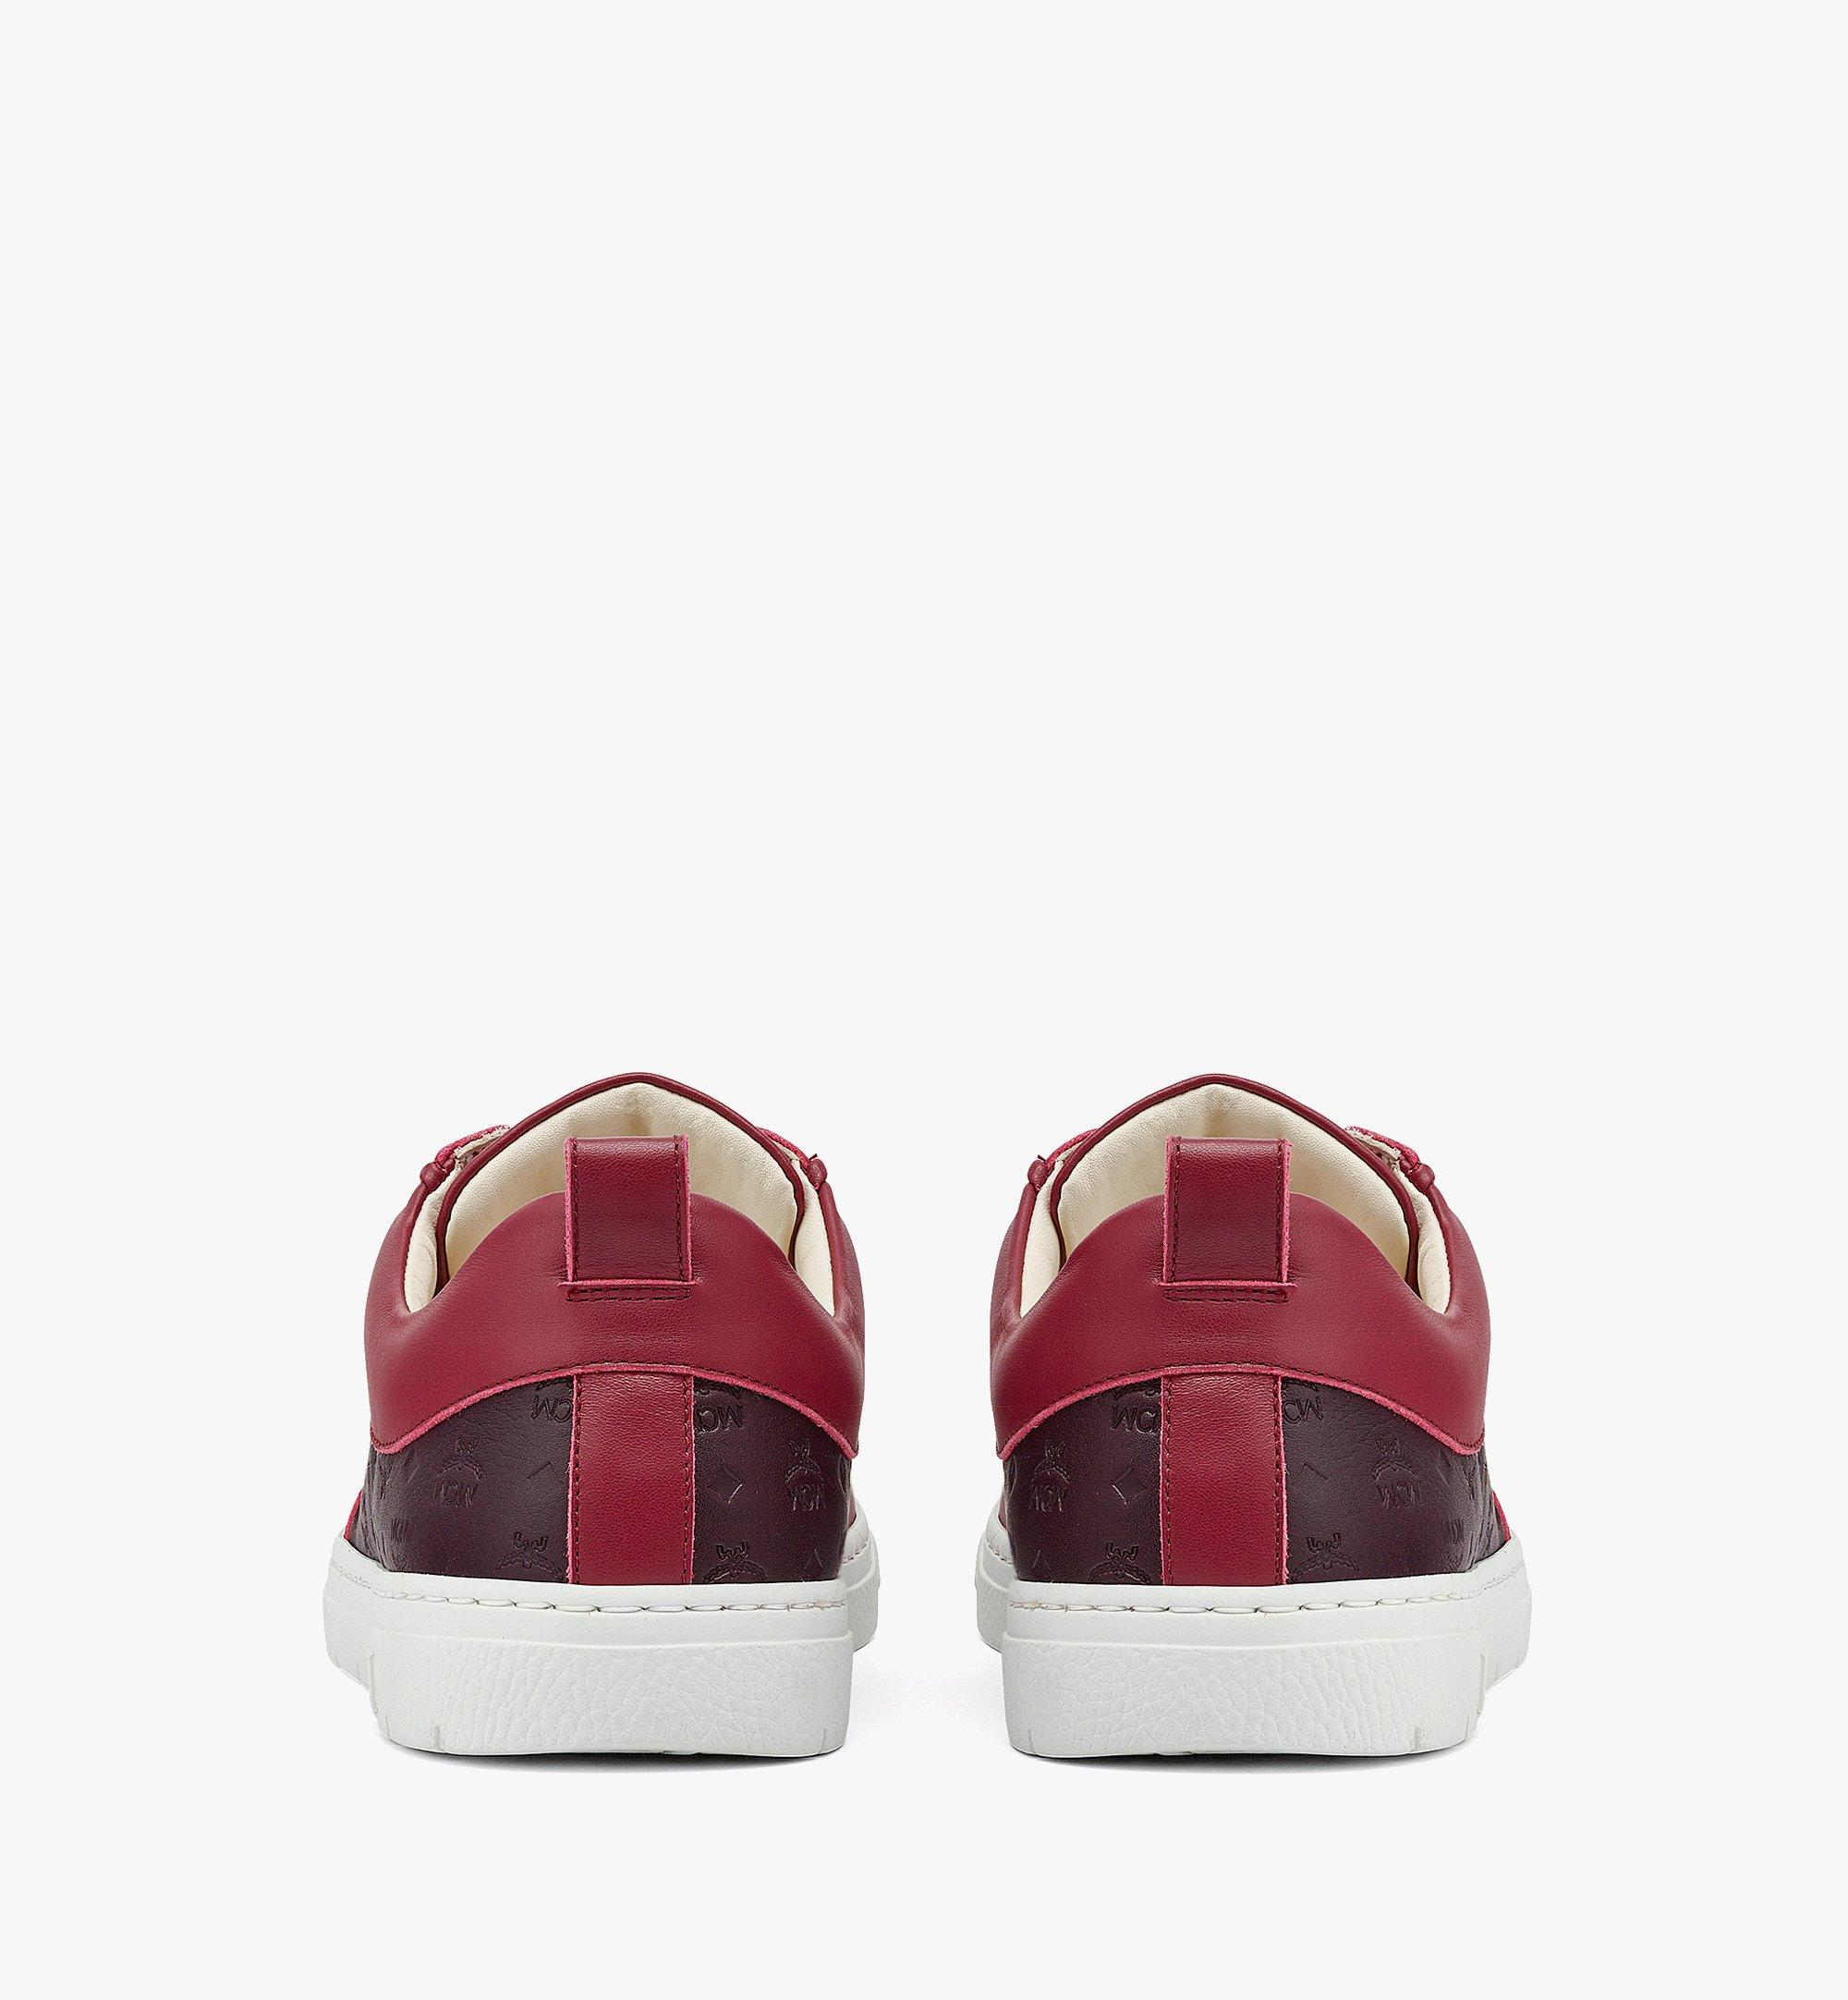 MCM Women's Sustainable Terrain Lo Sneakers in Monogram Leather Brown MESBAMM01N9036 Alternate View 2